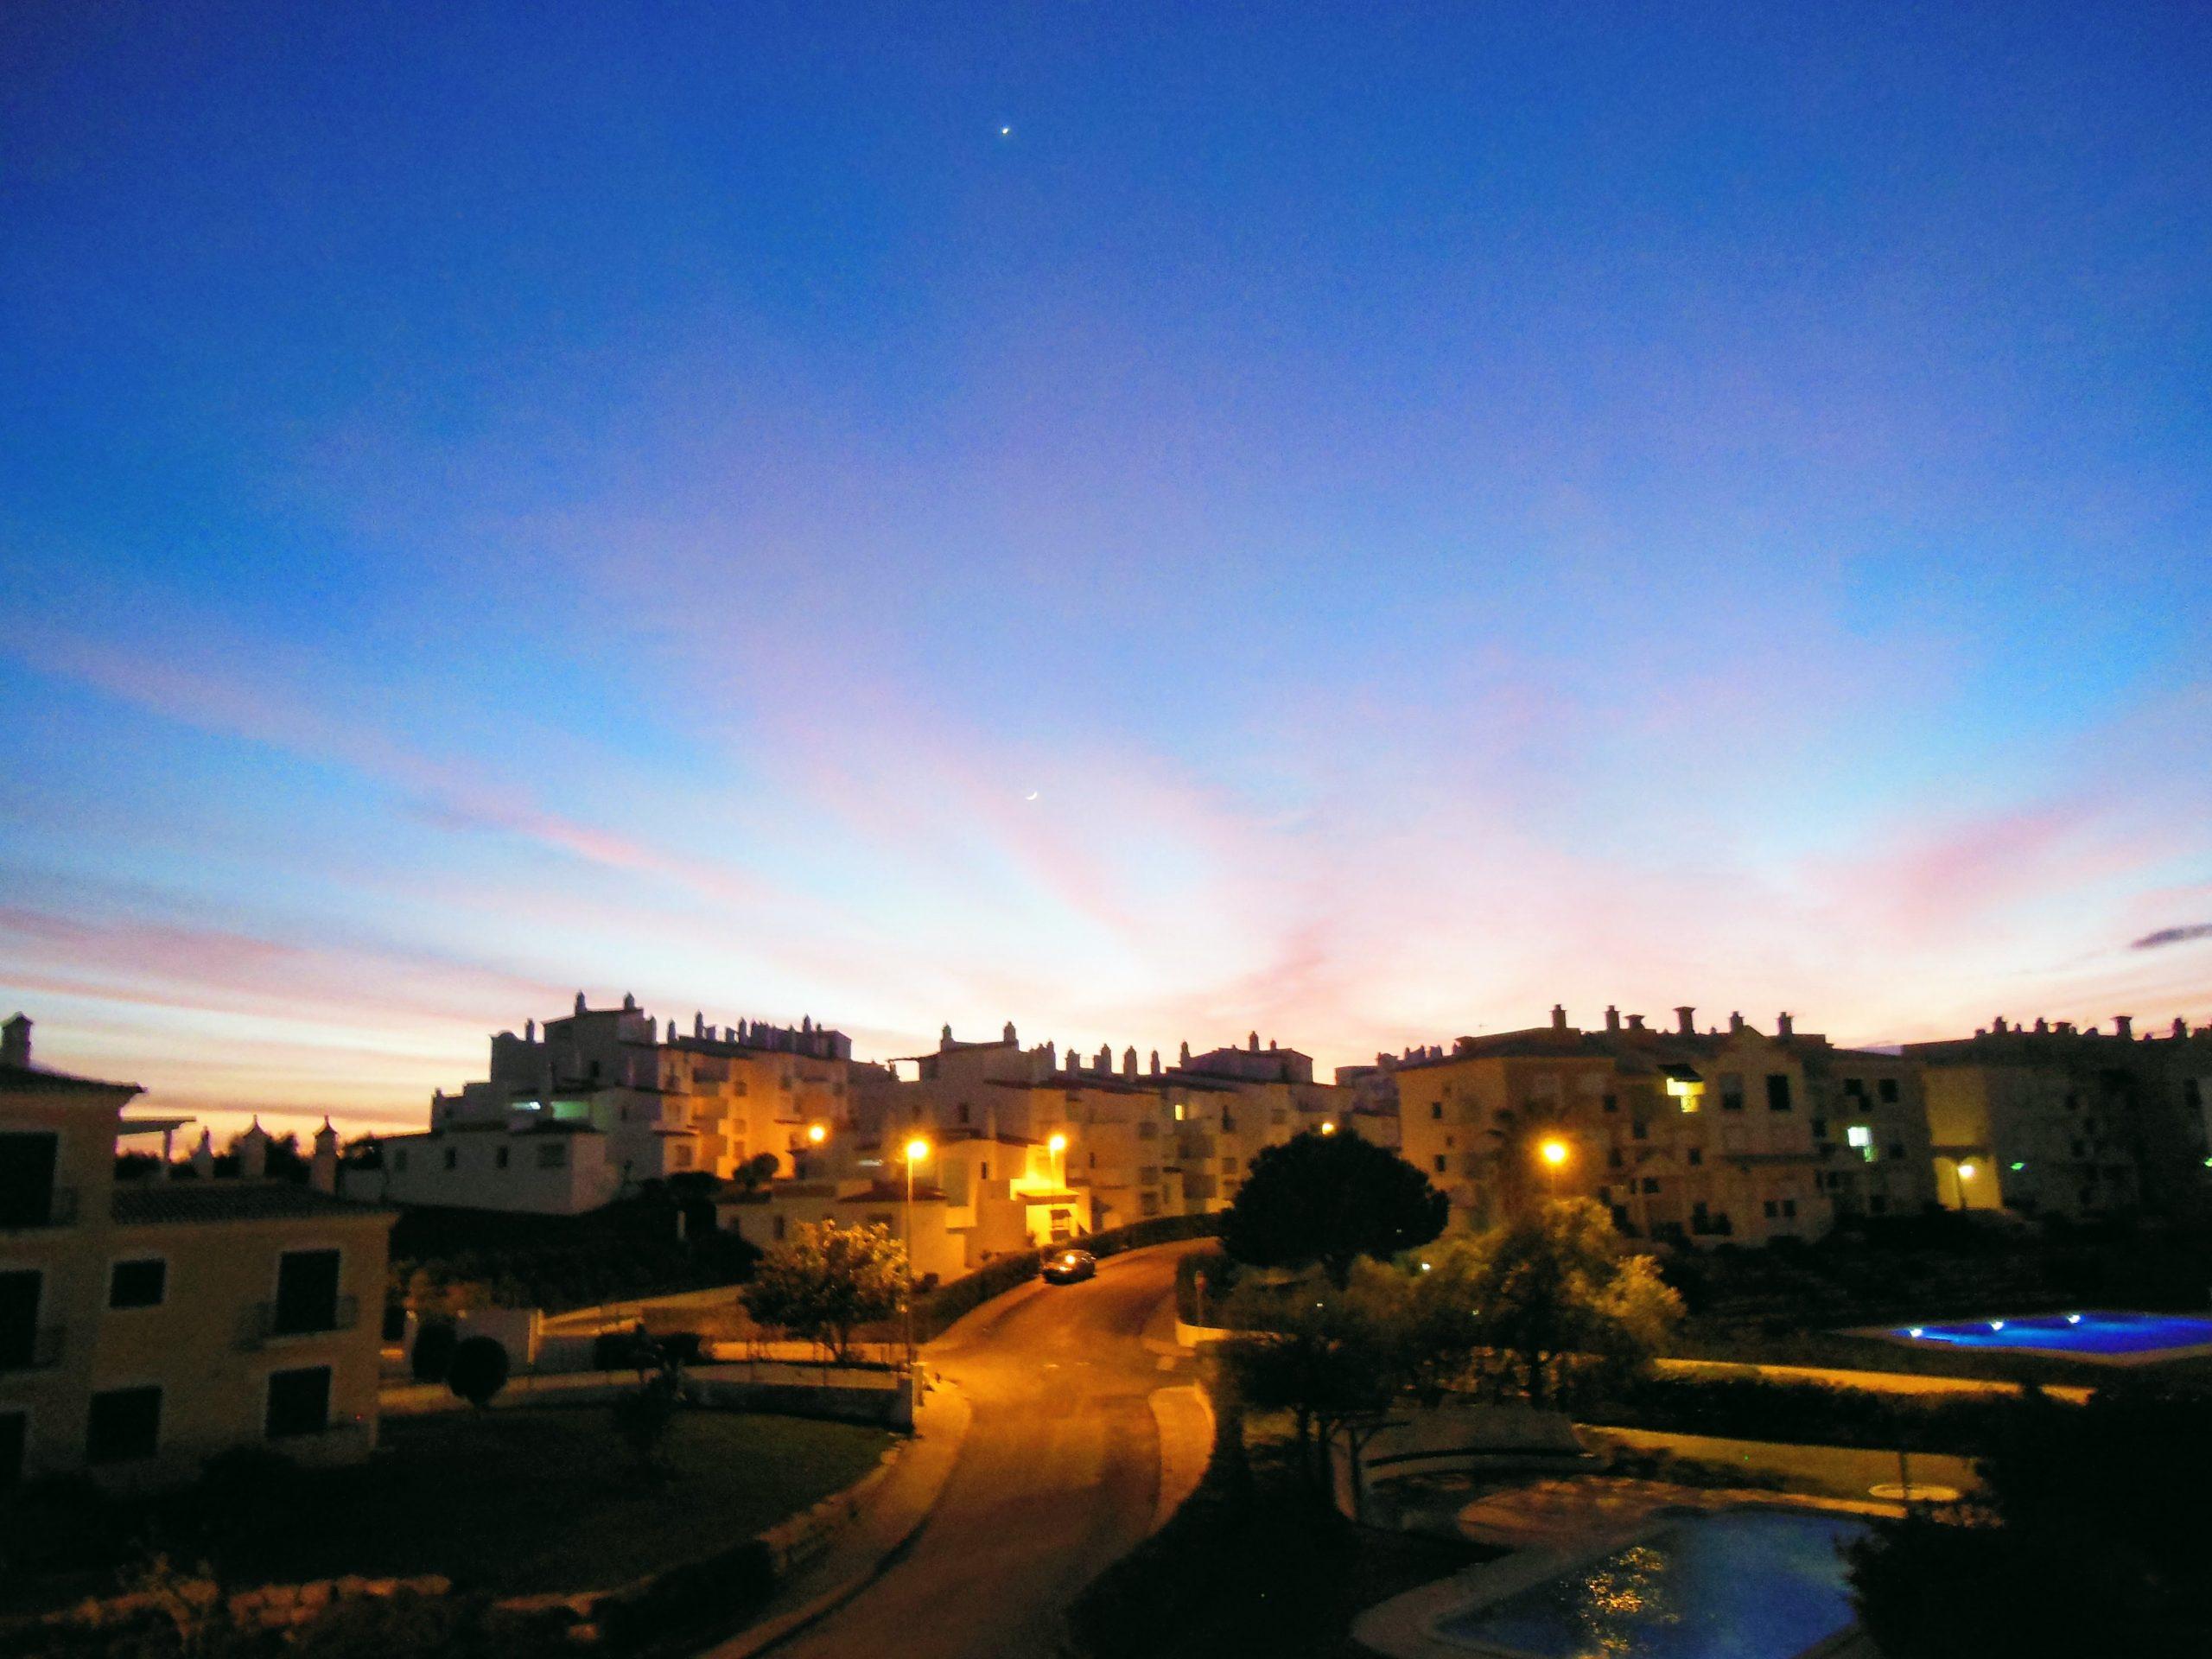 ilta kaupungissa, yksinäisyys - ihmiskunta